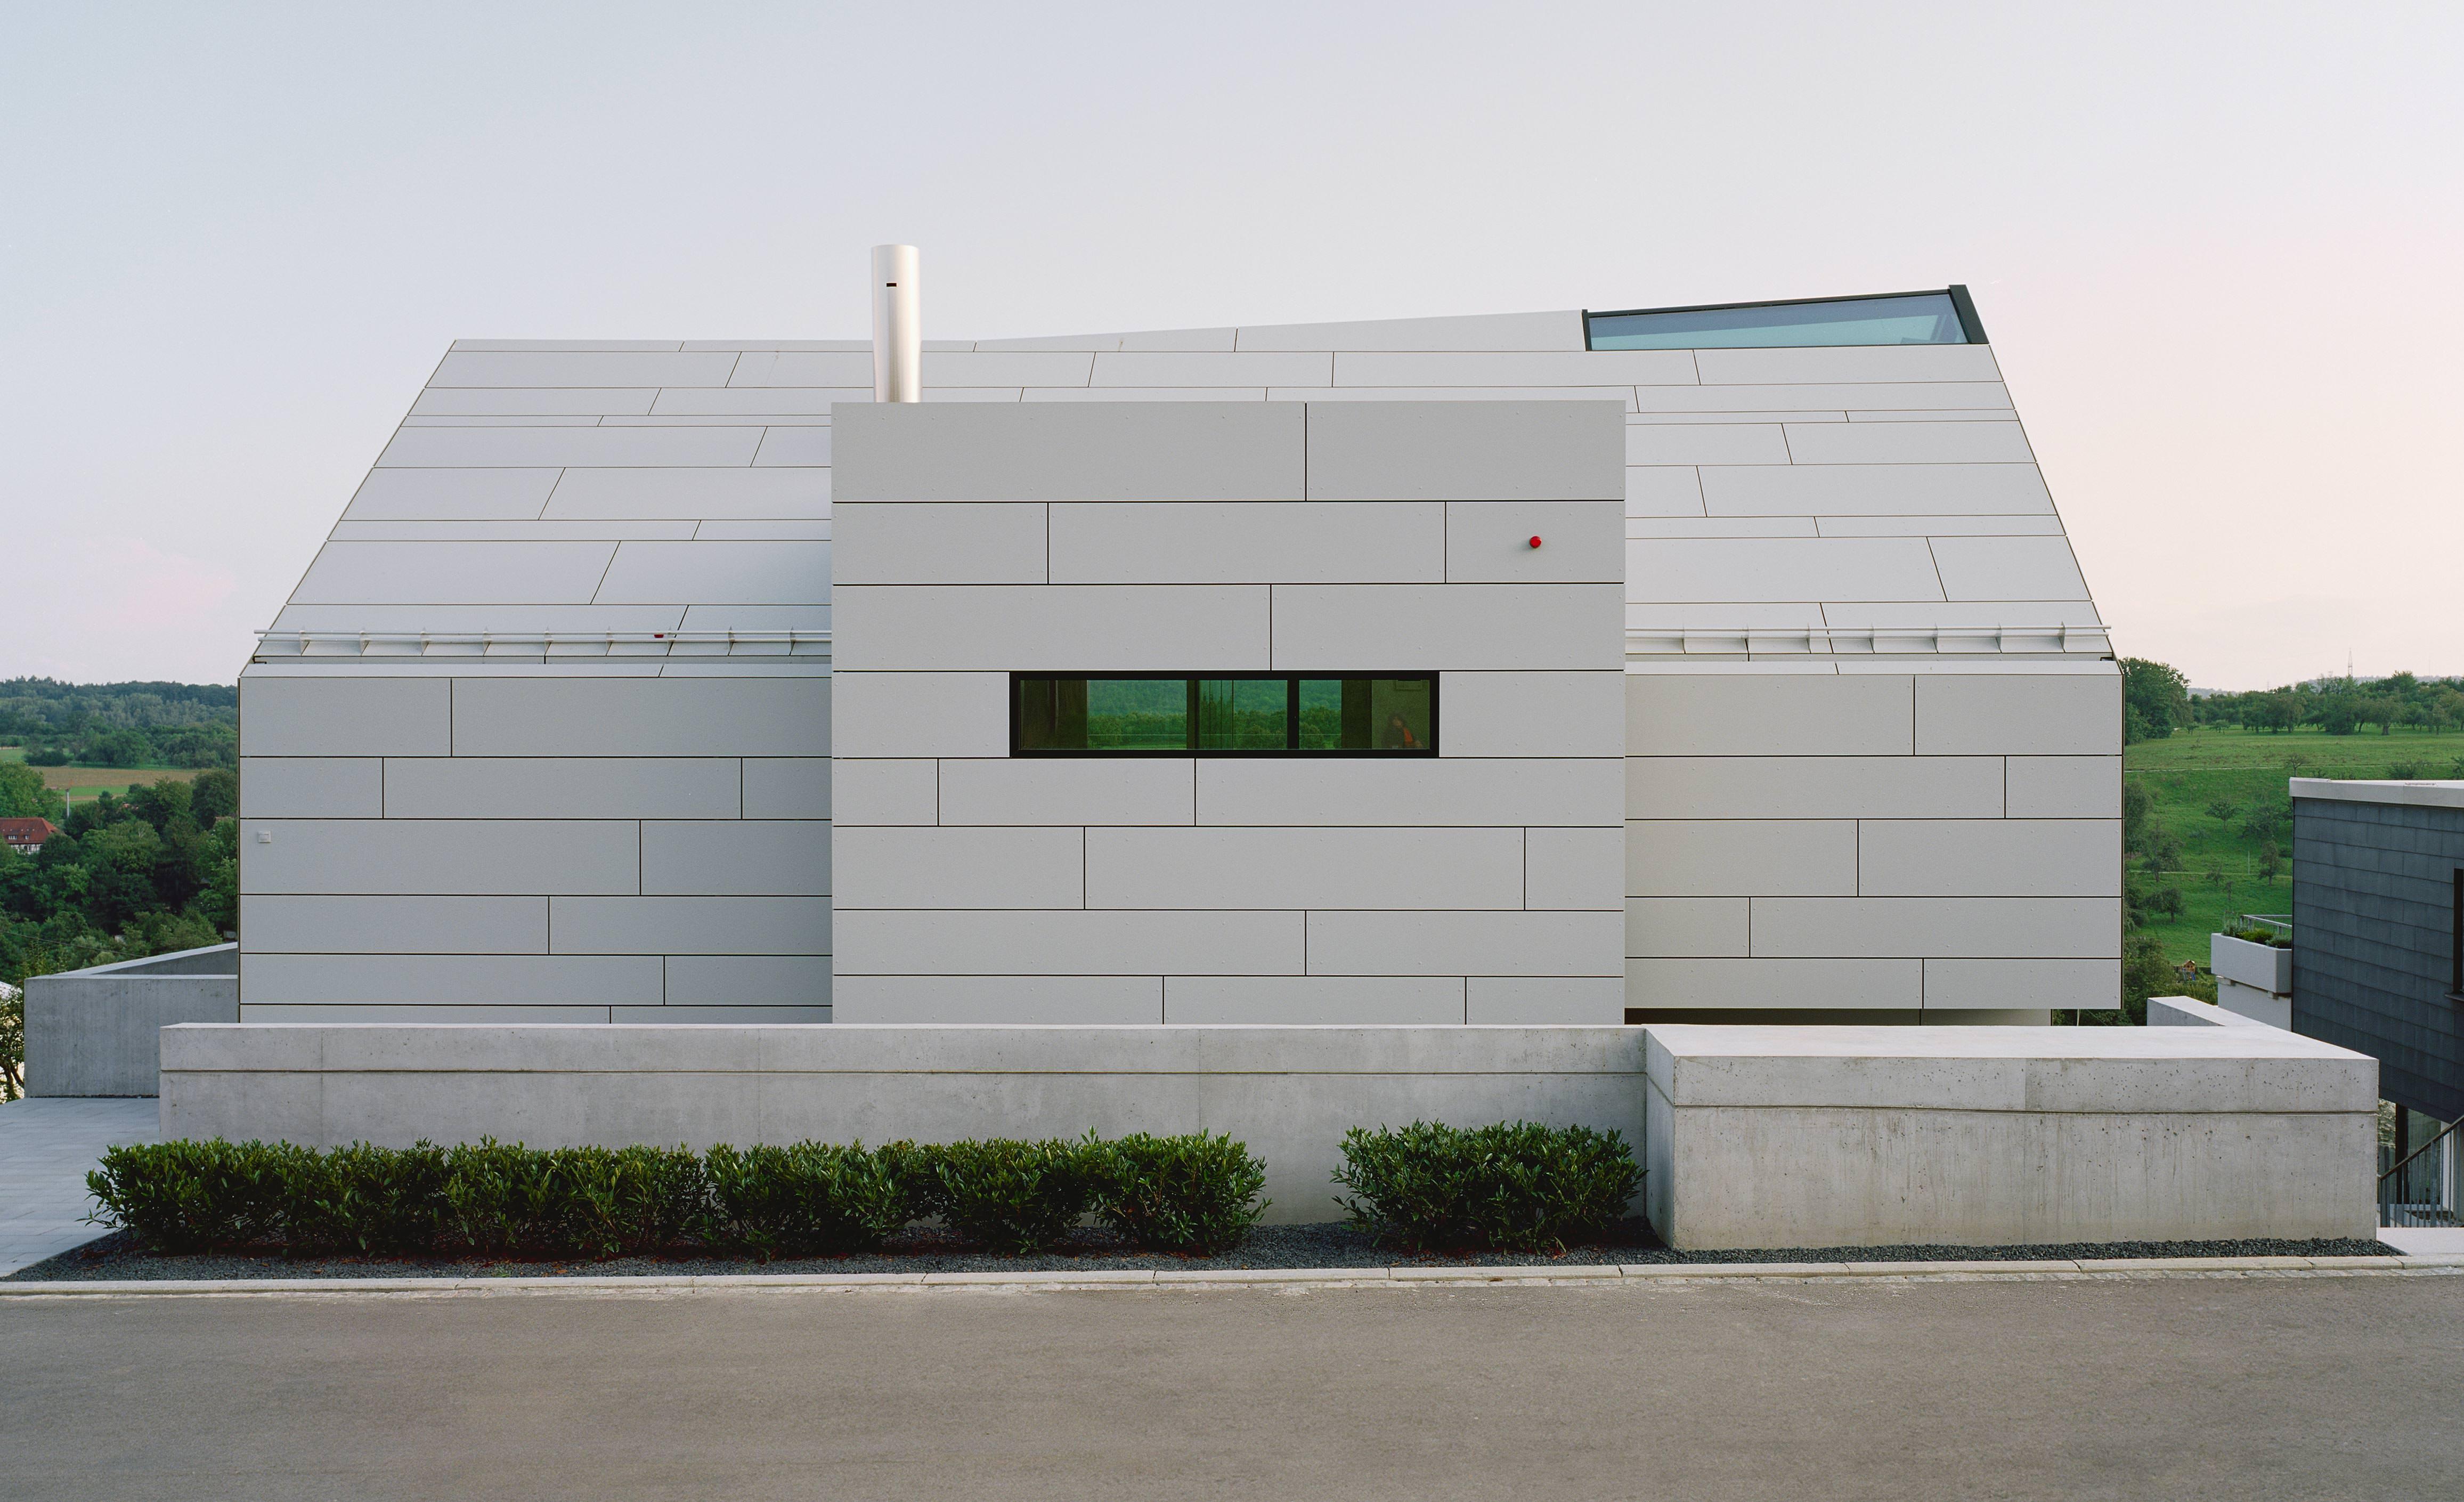 stuttgart ein in faserzement gekleidetes wohnhaus mit zwei gesichtern mit fassadentafel. Black Bedroom Furniture Sets. Home Design Ideas